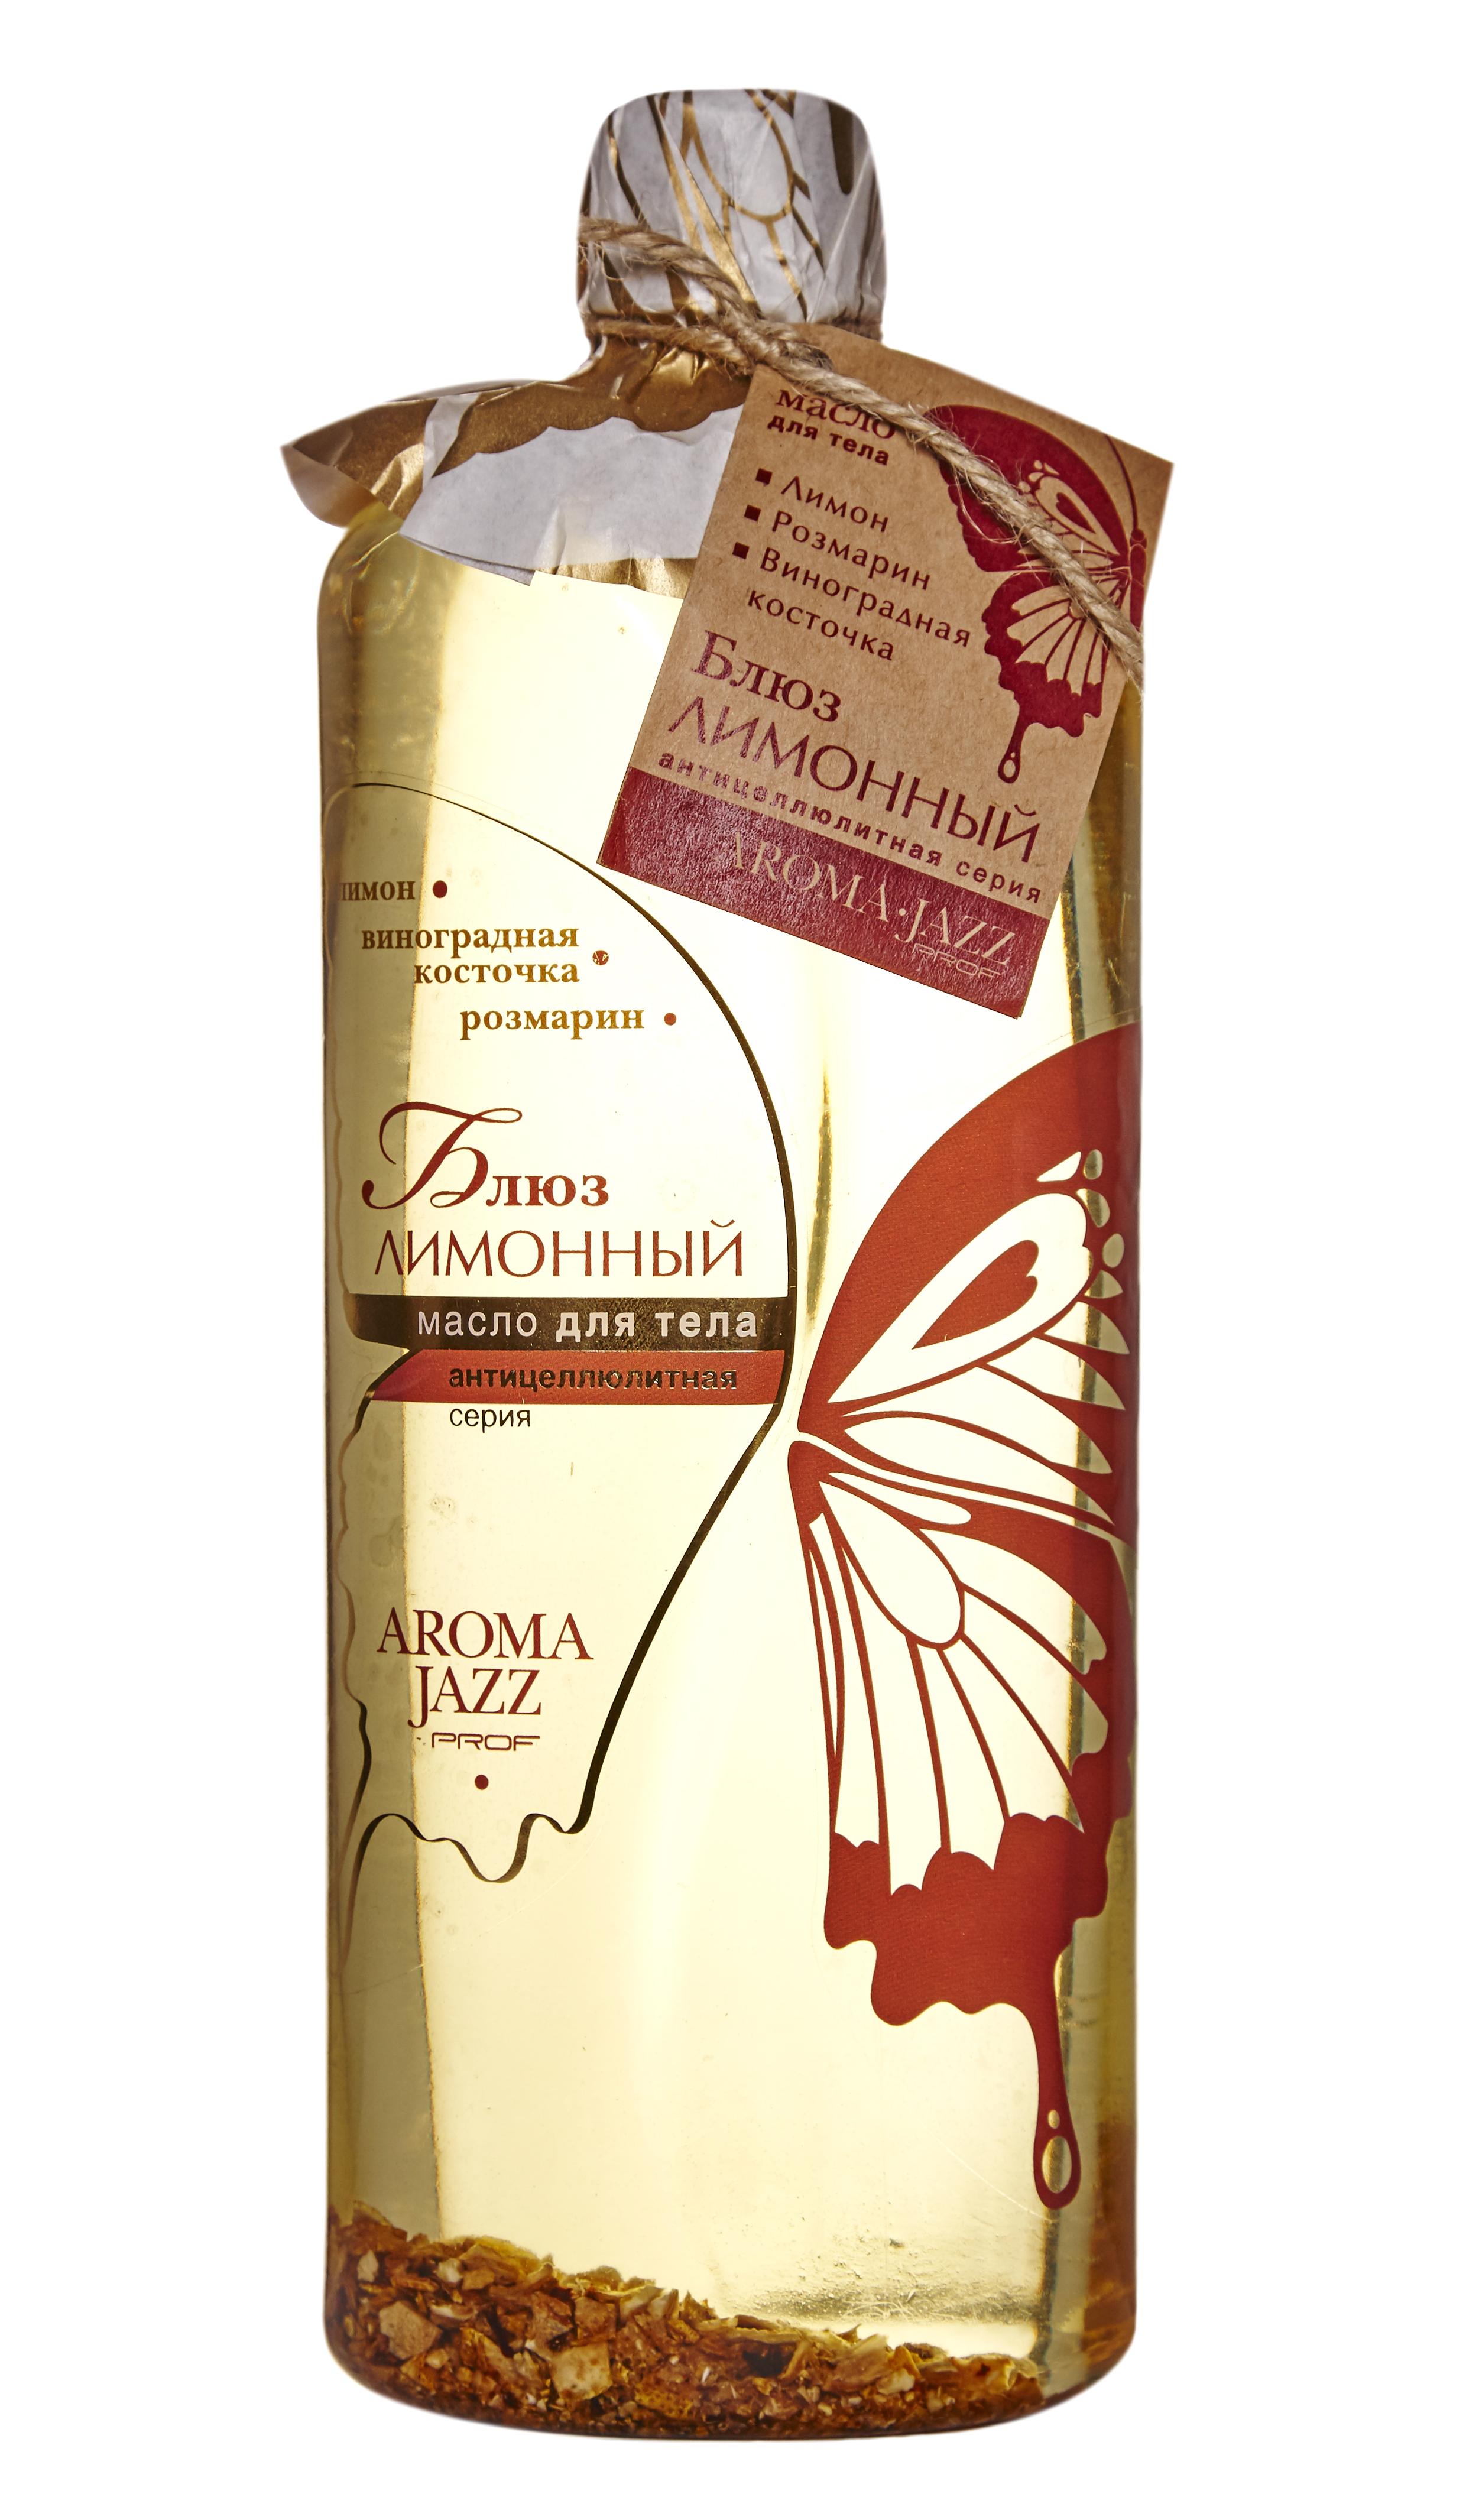 AROMA JAZZ Масло массажное жидкое для тела Лимонный блюз 1000млМасла<br>Осветляет, увлажняет и подтягивает кожу. Предотвращает гиперпигментацию, солнечные и контактные дерматиты. Лимонное масло улучшает кровообращение и тонизирует мышцы венозной стенки, что препятствует варикозному расширению вен. Очищает организм от шлаков, нормализует обмен веществ и утилизацию жиров, эффективно при целлюлите. Мощный заряд цитрусового коктейля напомнит телу о его предназначении быть сильным и упругим. Освежающее масло действует сразу на весь организм, пробуждая энергию в каждой его клетке. Активные ингредиенты: масла пальмы, кокоса, сои, из виноградных косточек, растительное с витамином Е; экстракты лимона и горчицы; эфирные масла розмарина, лимона, цитронеллы. Способ применения: рекомендовано для проведения классического и баночного массажа, втирания после душа, горячих ванн и SPA-процедур в салоне и дома. Рекомендуется использовать одноразовое белье.<br><br>Объем: 1000<br>Вид средства для тела: Массажный<br>Назначение: Целлюлит